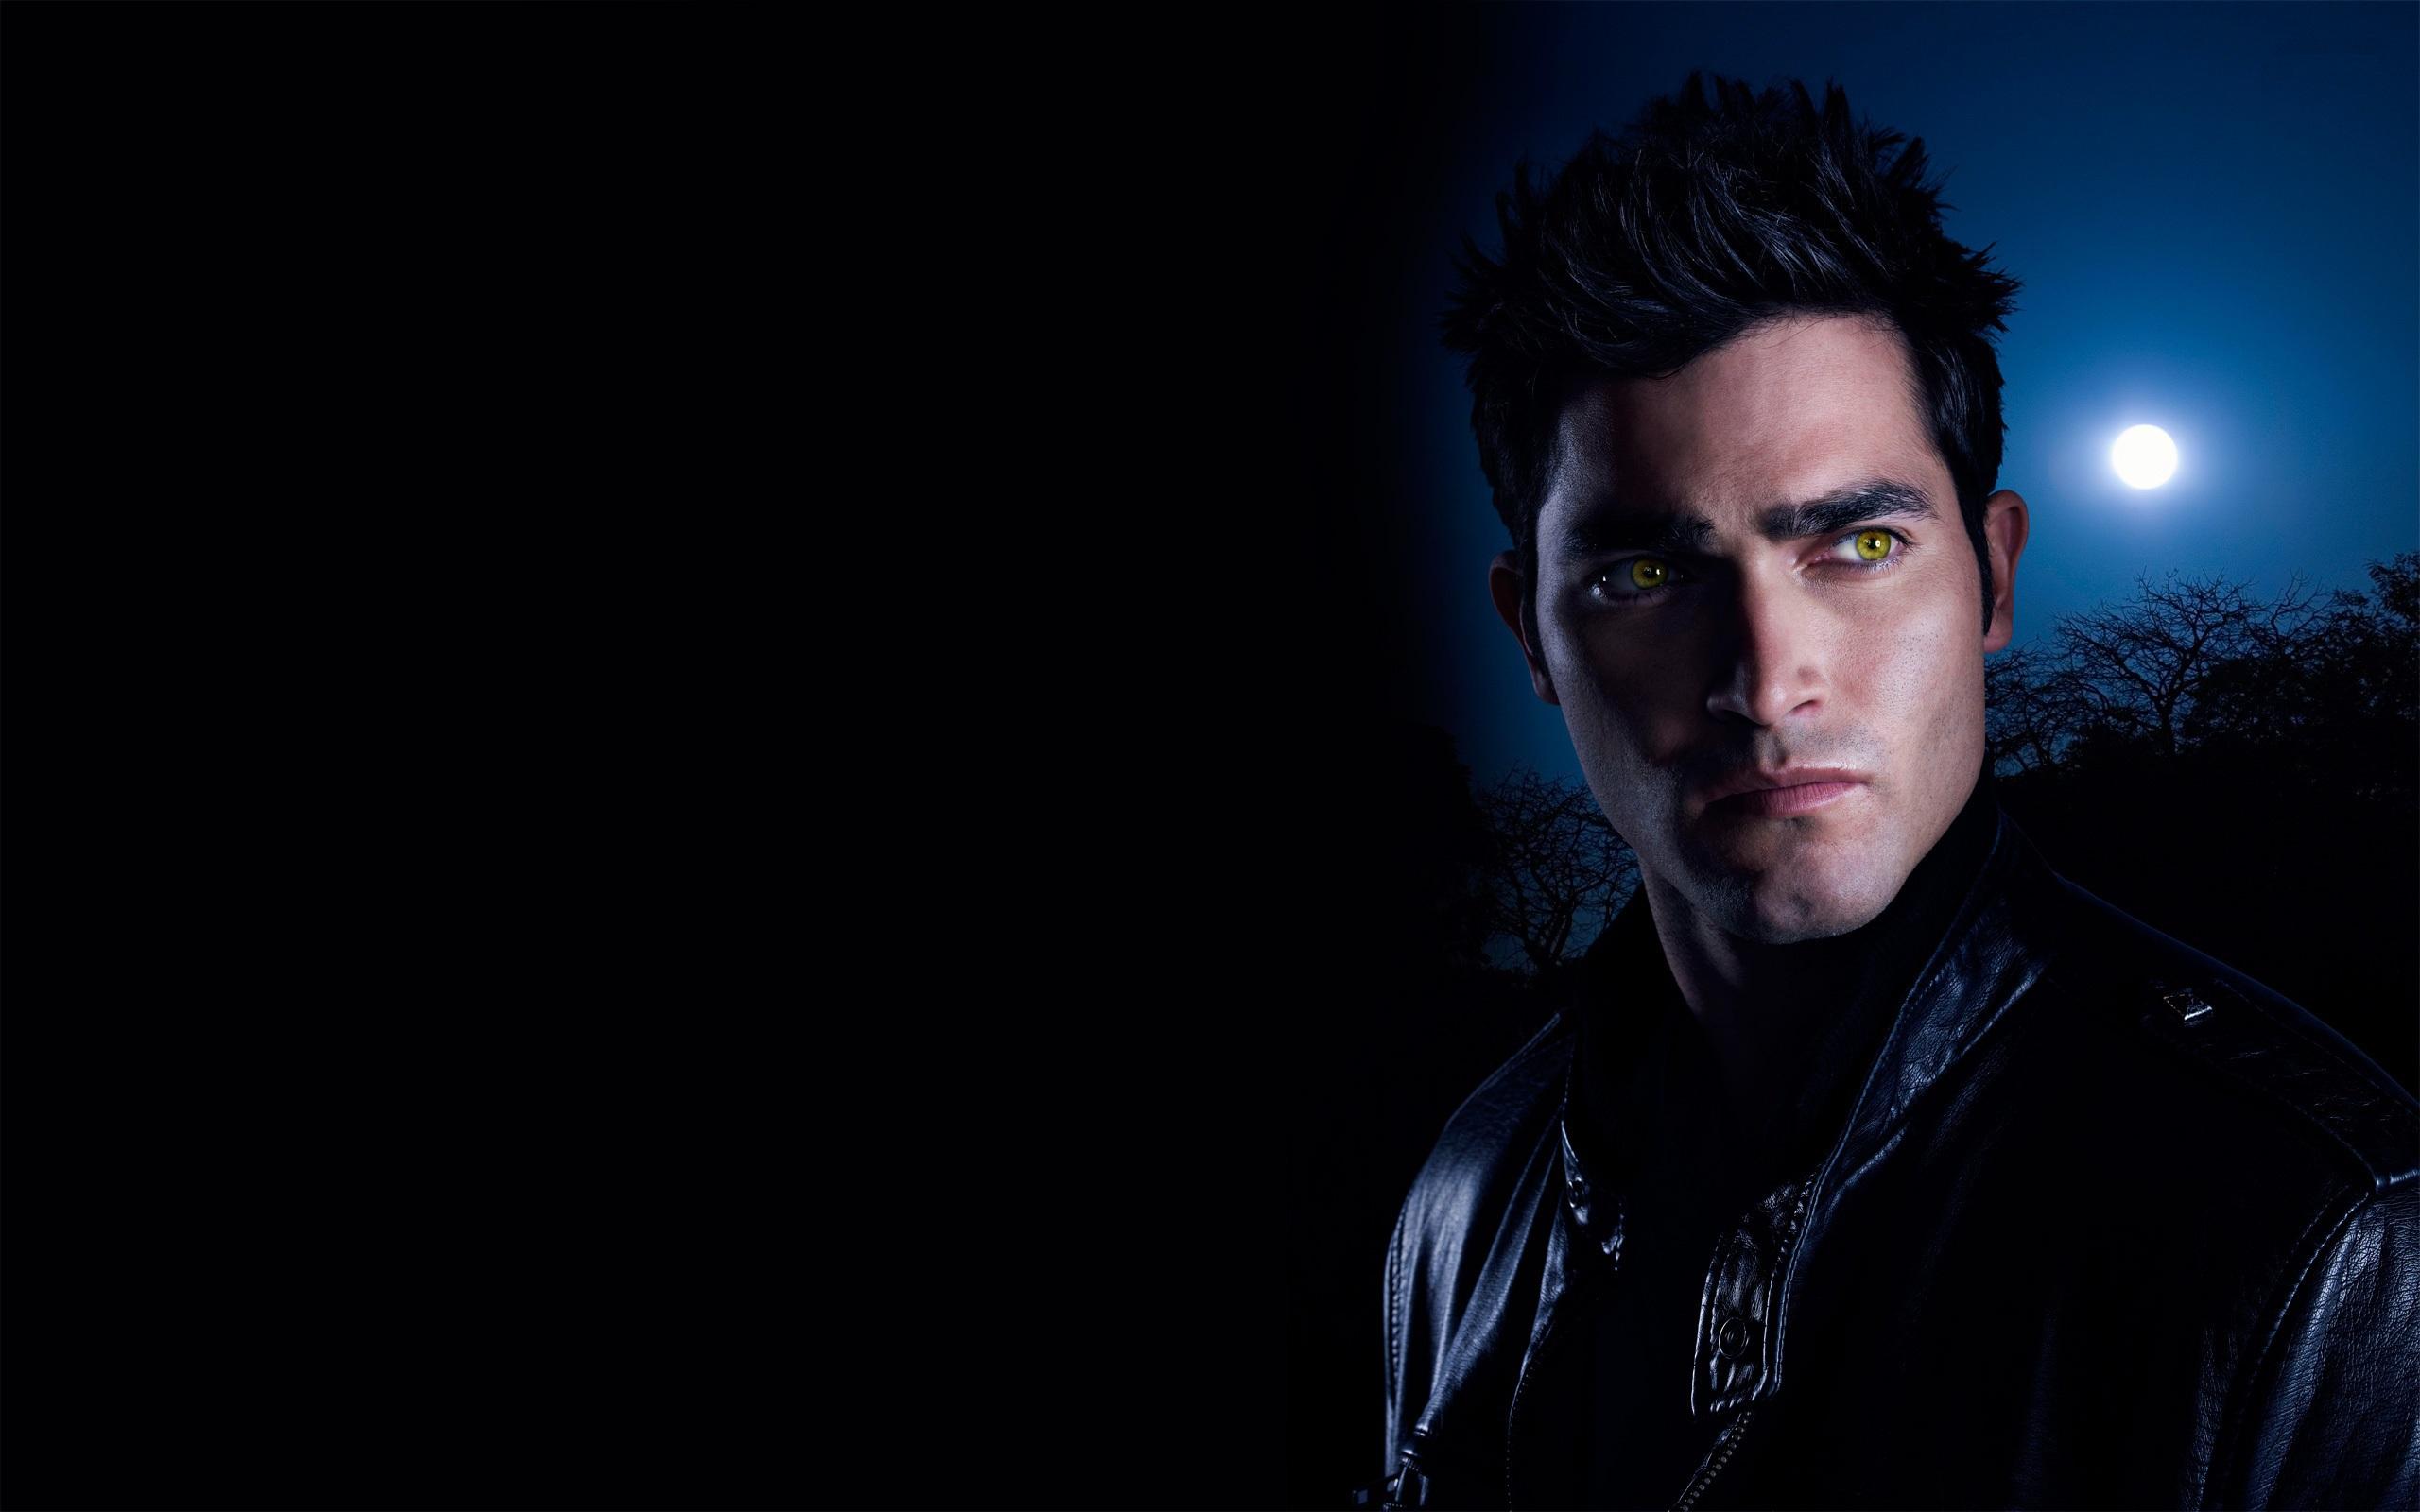 Teen Wolf Cast Tyler Hoechlin , HD Wallpaper & Backgrounds